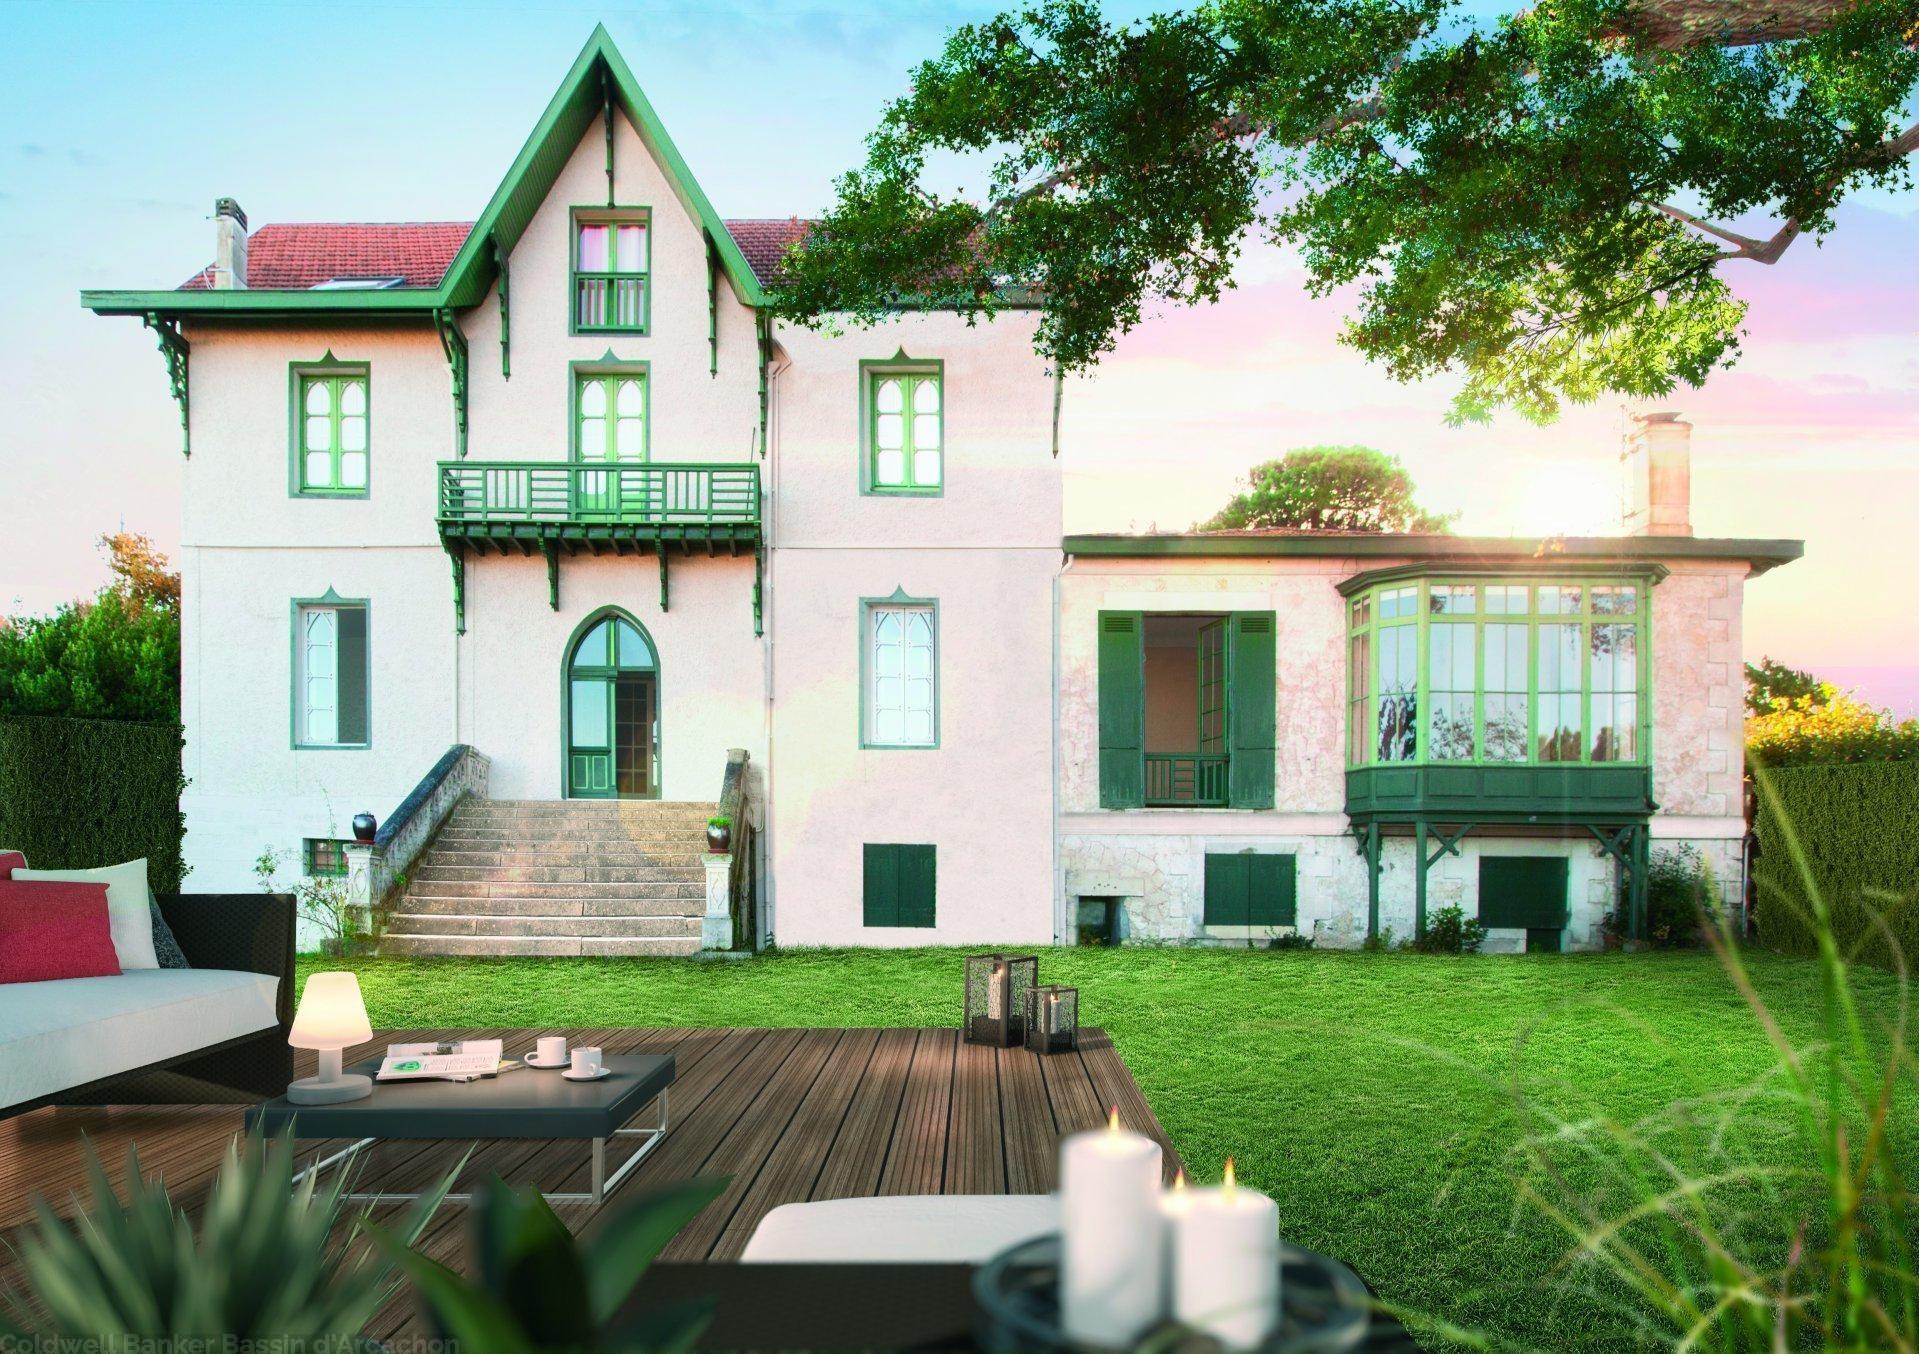 Vente appartement avec vue panoramique dans villa historique arcachon